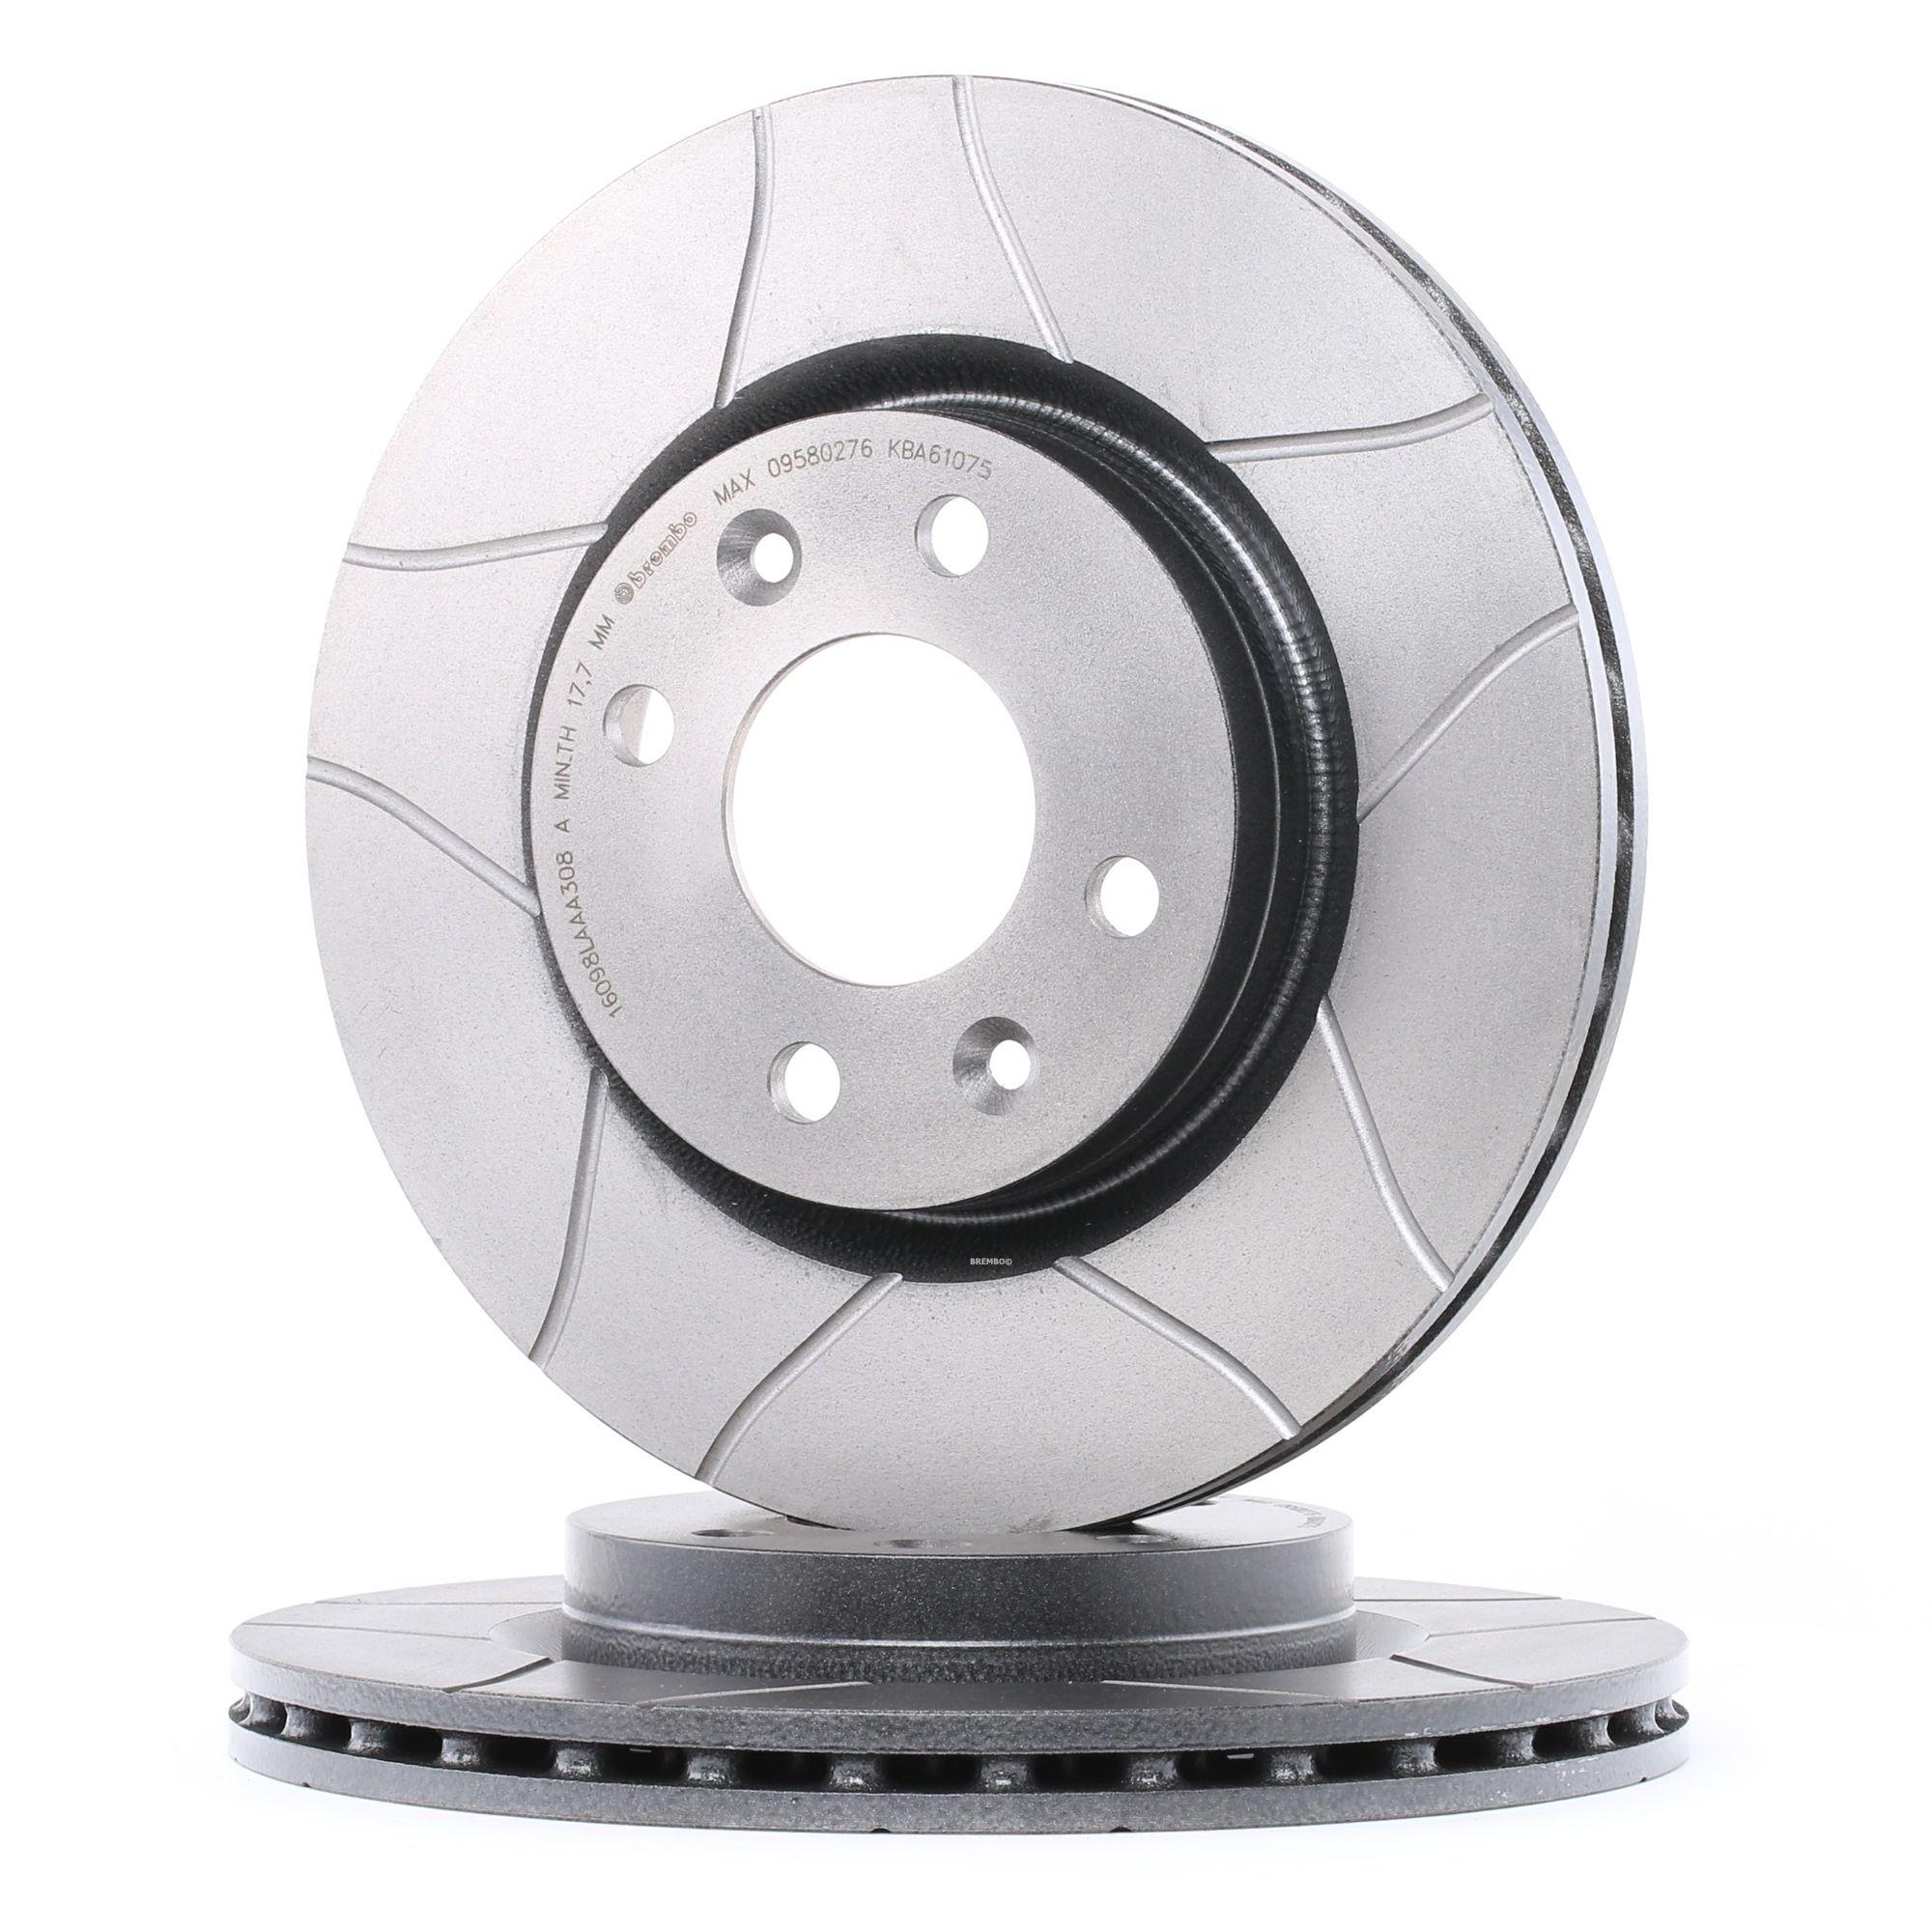 BREMBO 09.5802.76 (Ø: 259mm, Nbre de trous: 4, Épaisseur du disque de frein: 20,6mm) : Système de freinage Renault Kangoo kc01 2014